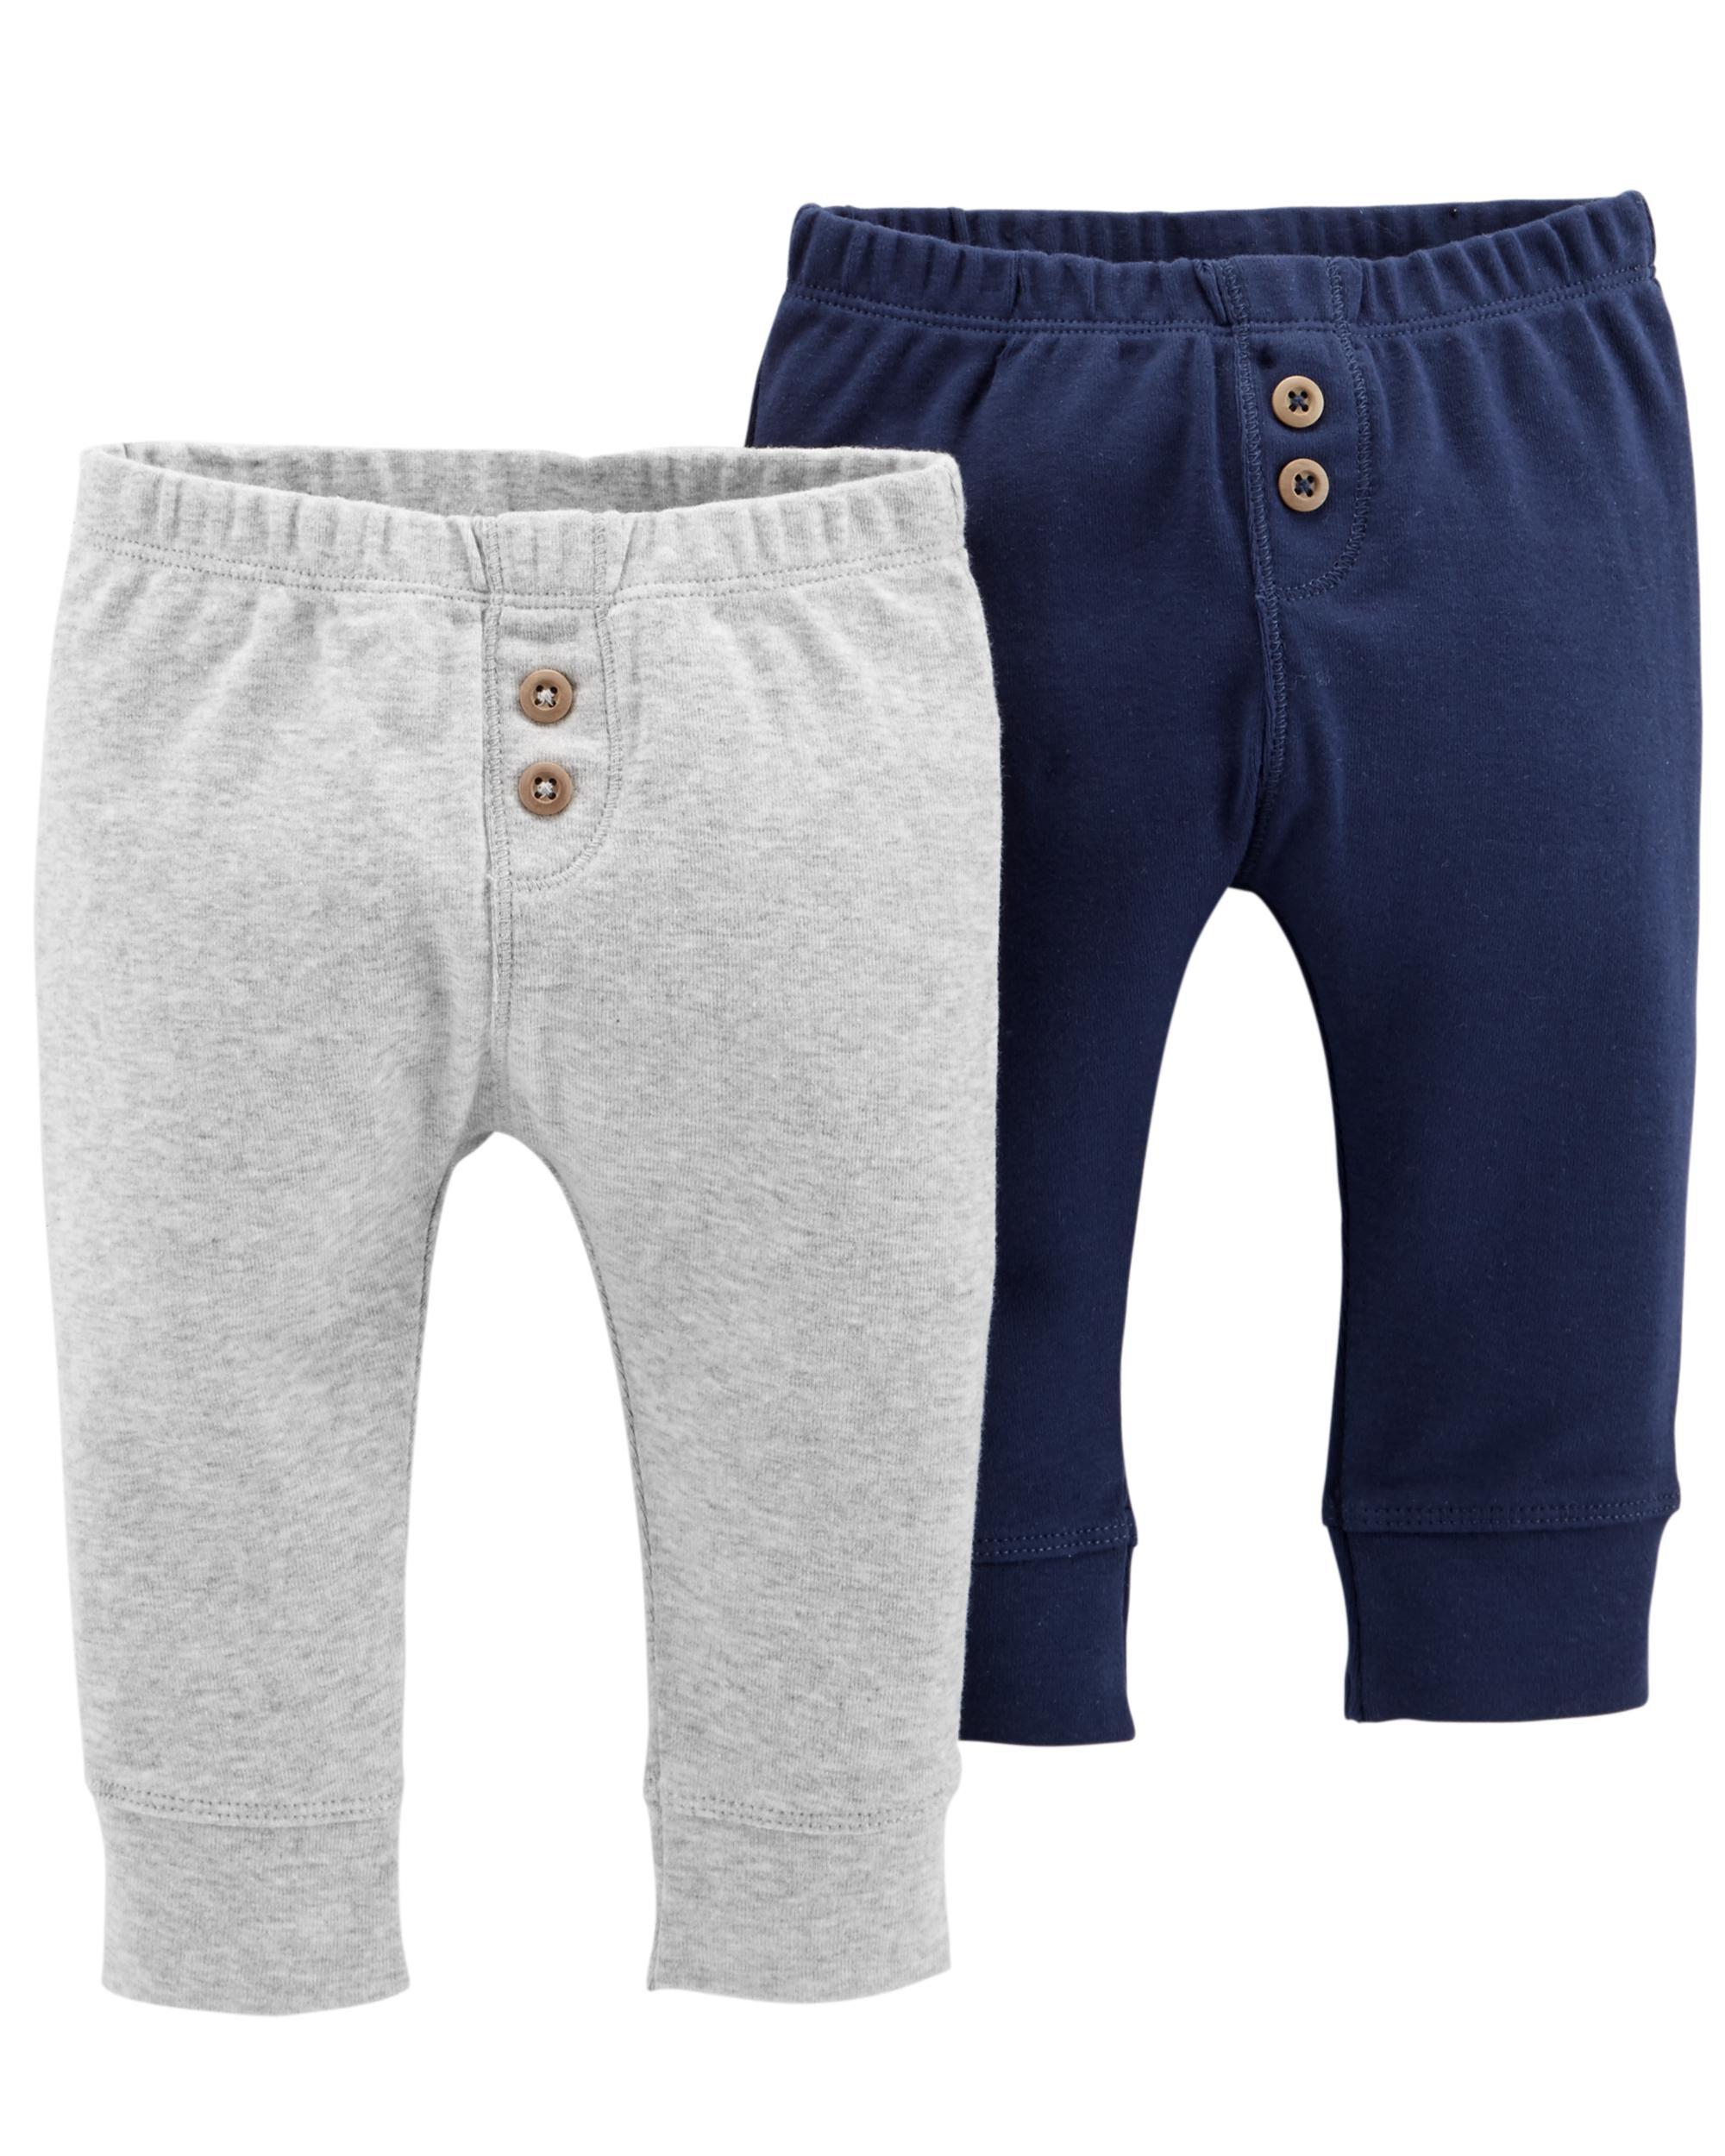 ec9dfc9fd6e3 2-Pack Pull-On Pants